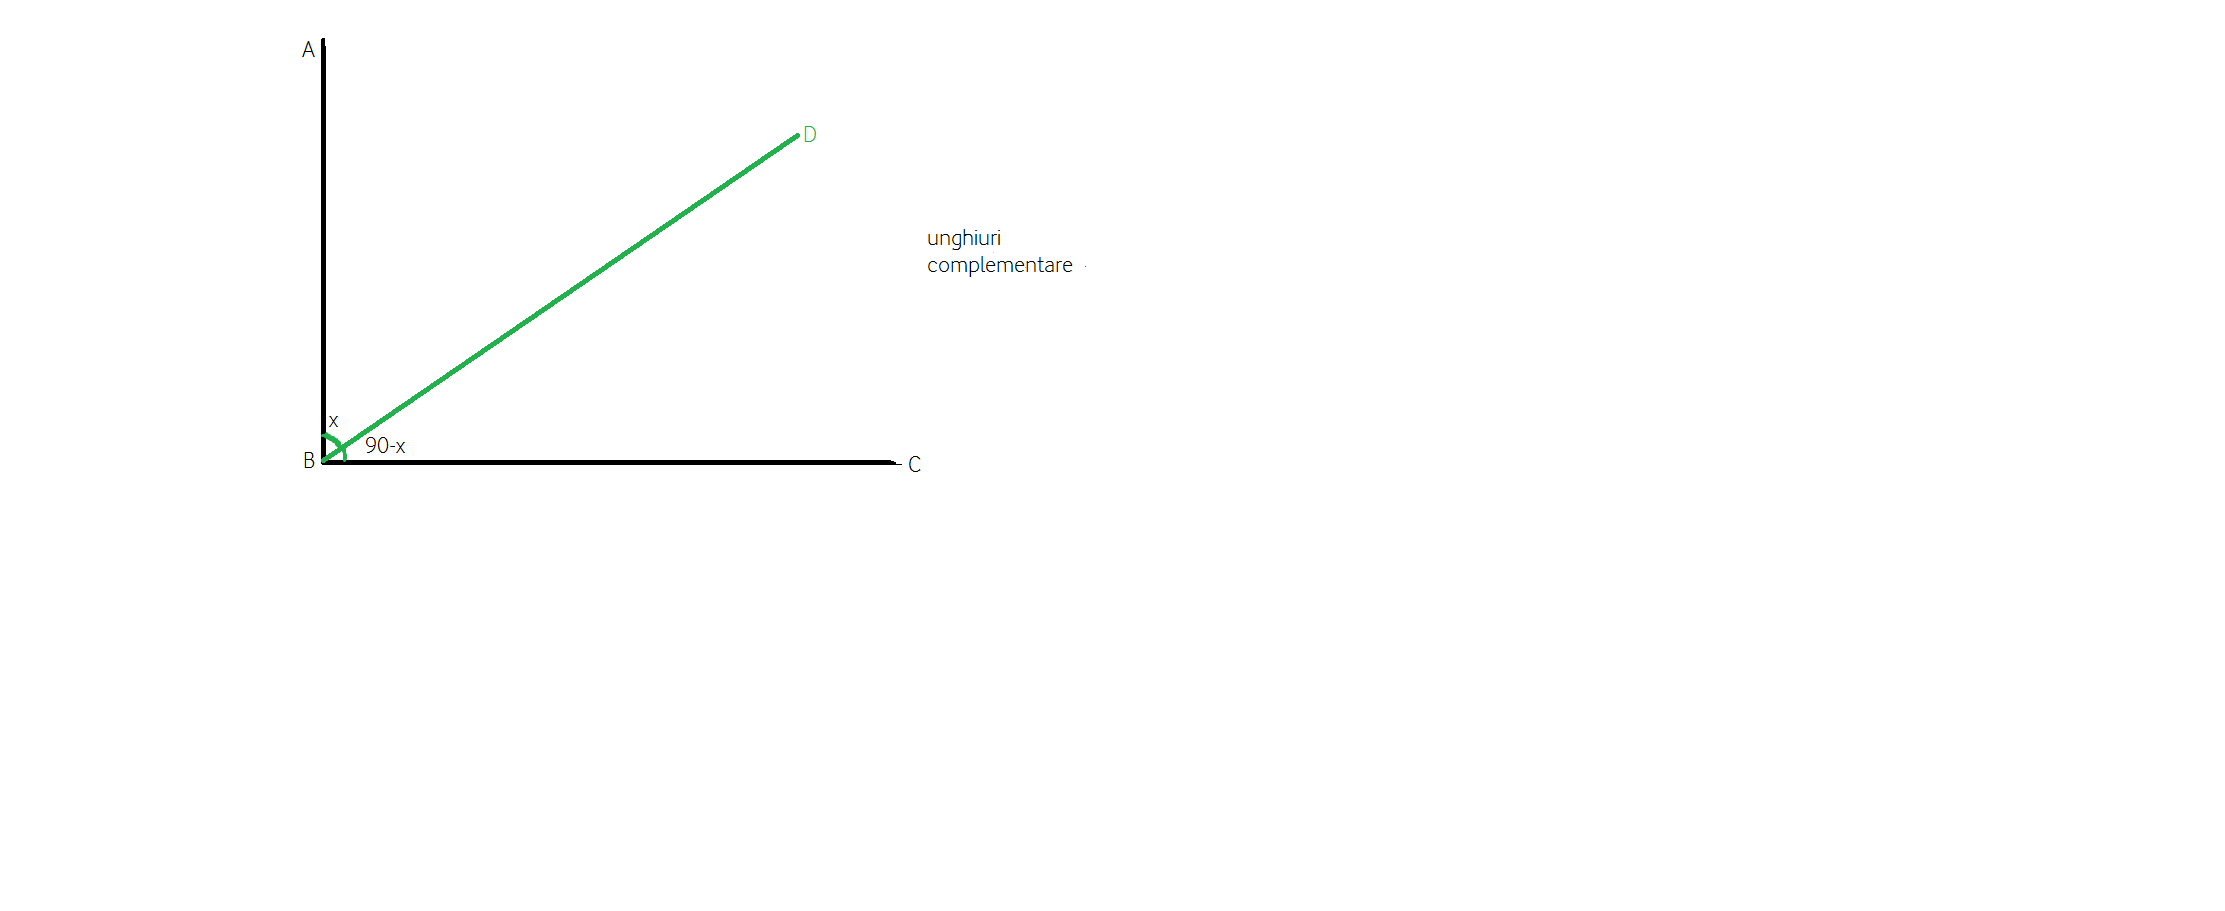 cand douaunghiuri sunt complementare